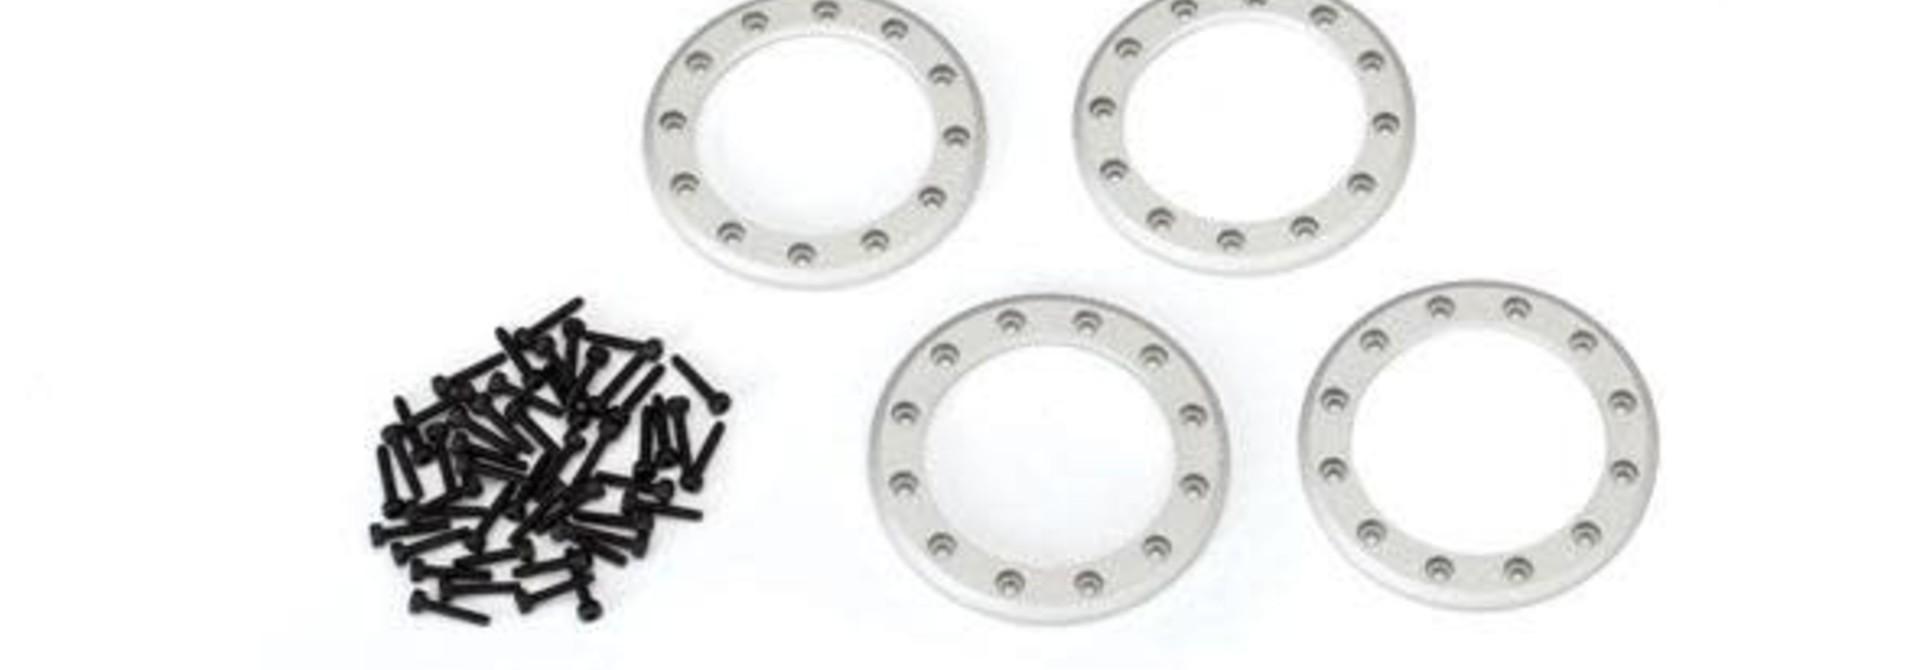 Beadlock rings, satin (1.9') (aluminum) (4)/ 2x10 CS (48)